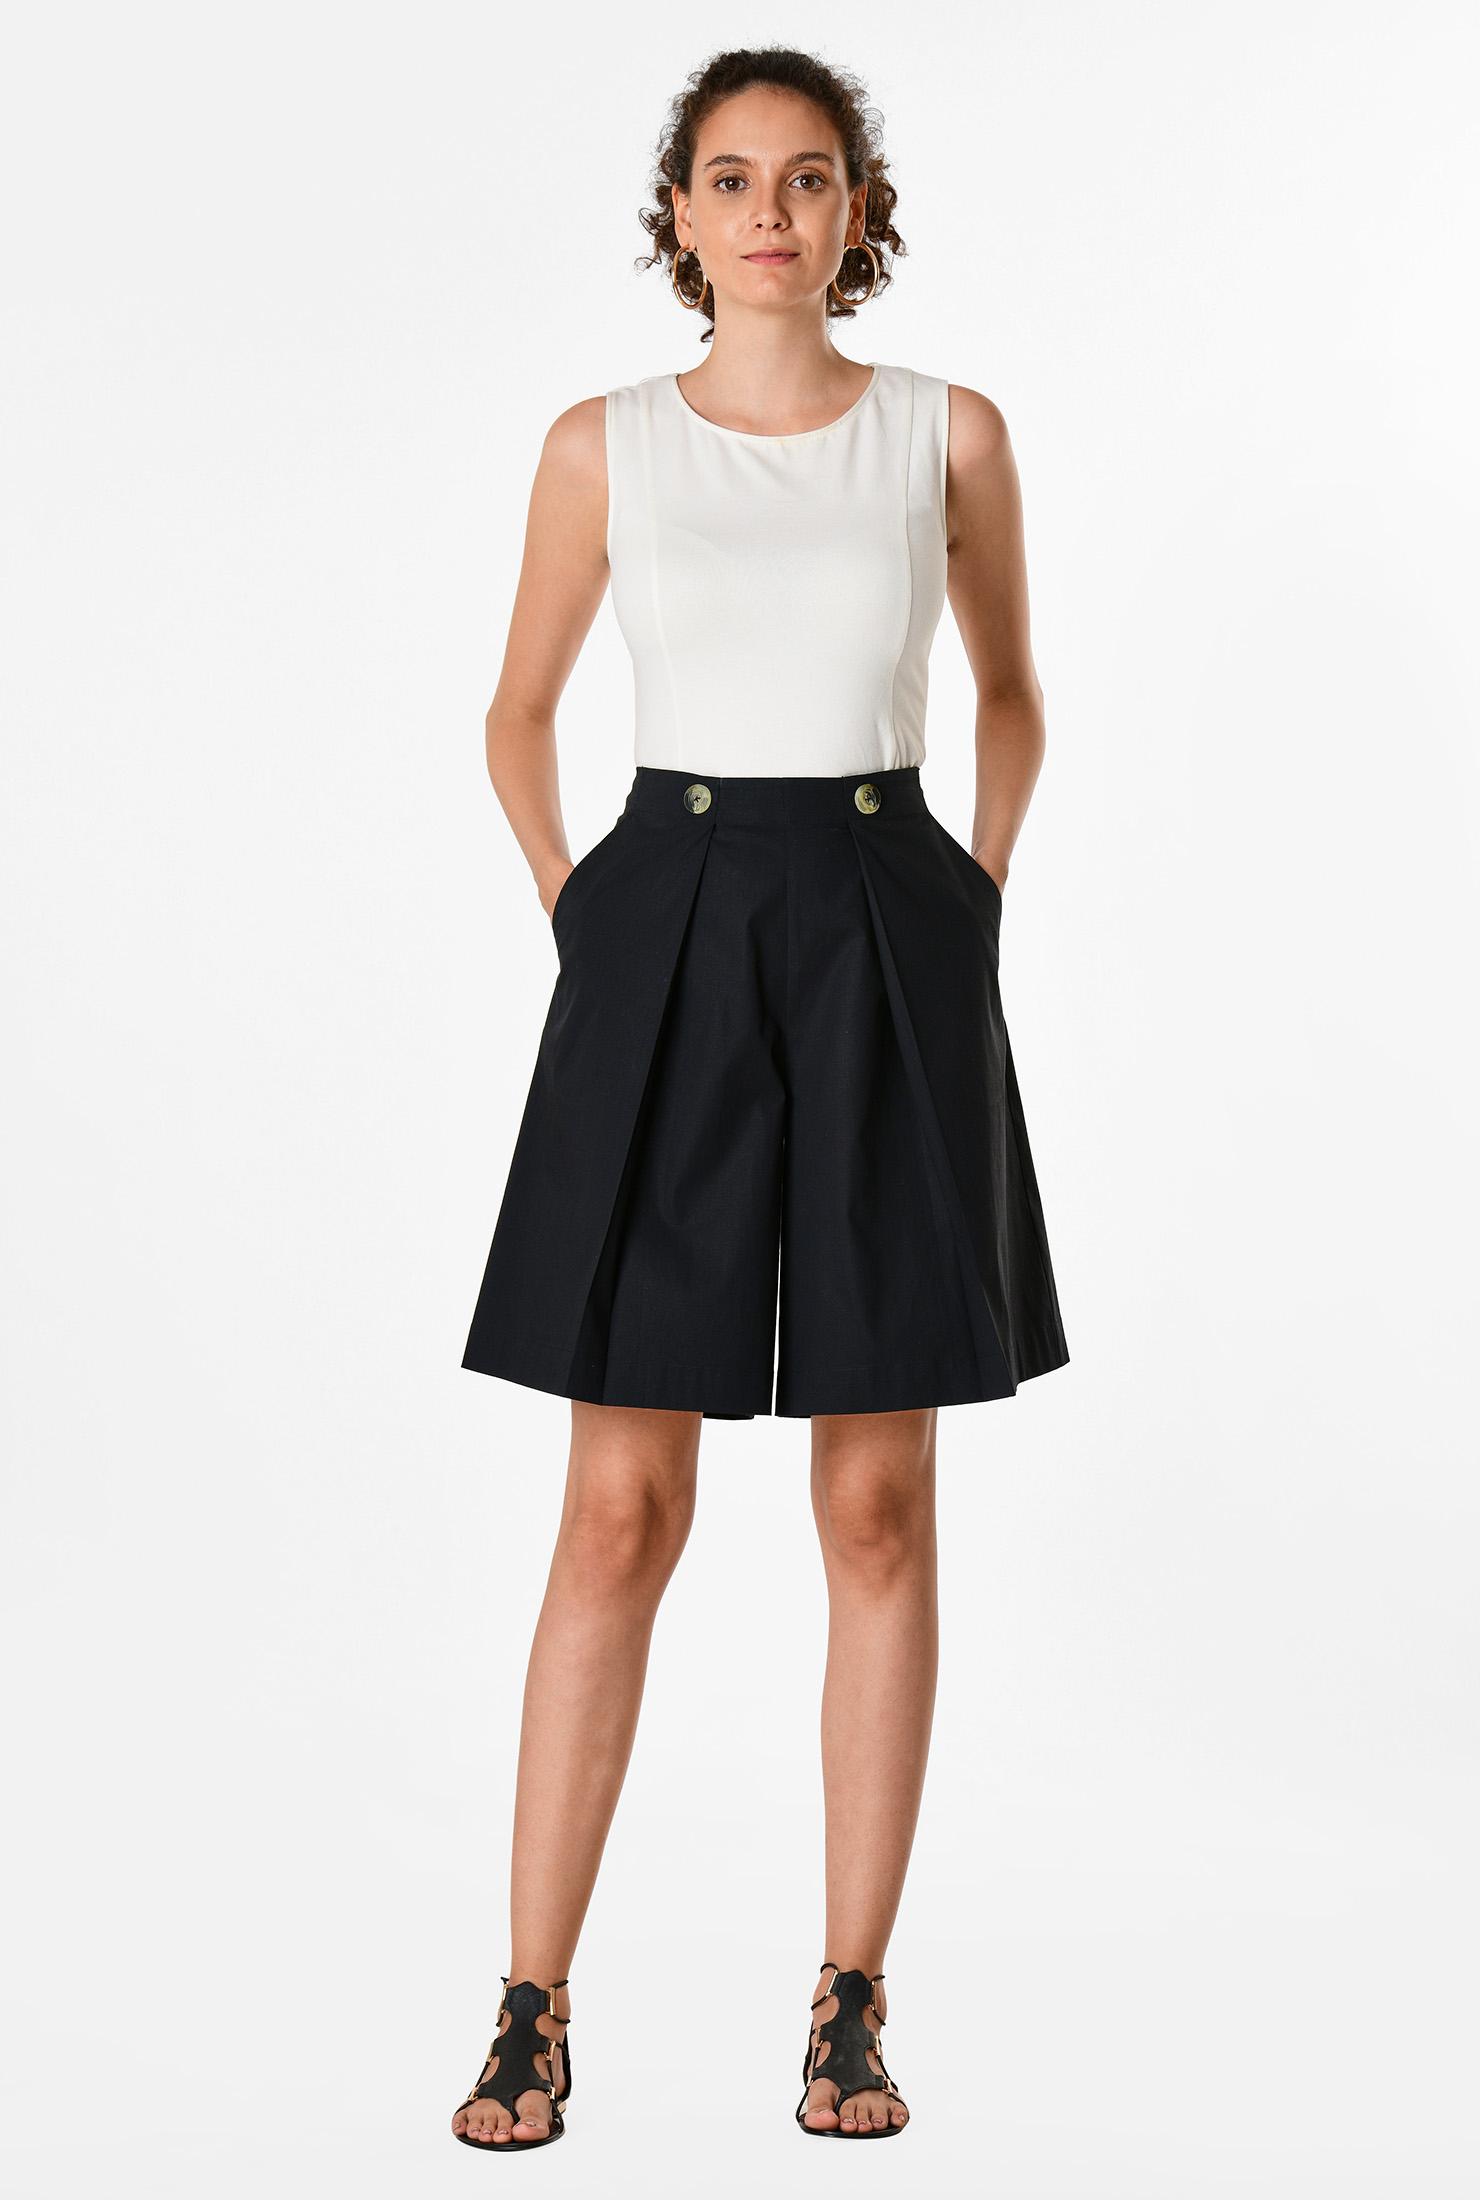 Vintage Shorts, Culottes,  Capris History Stretch poplin flared shorts $44.95 AT vintagedancer.com